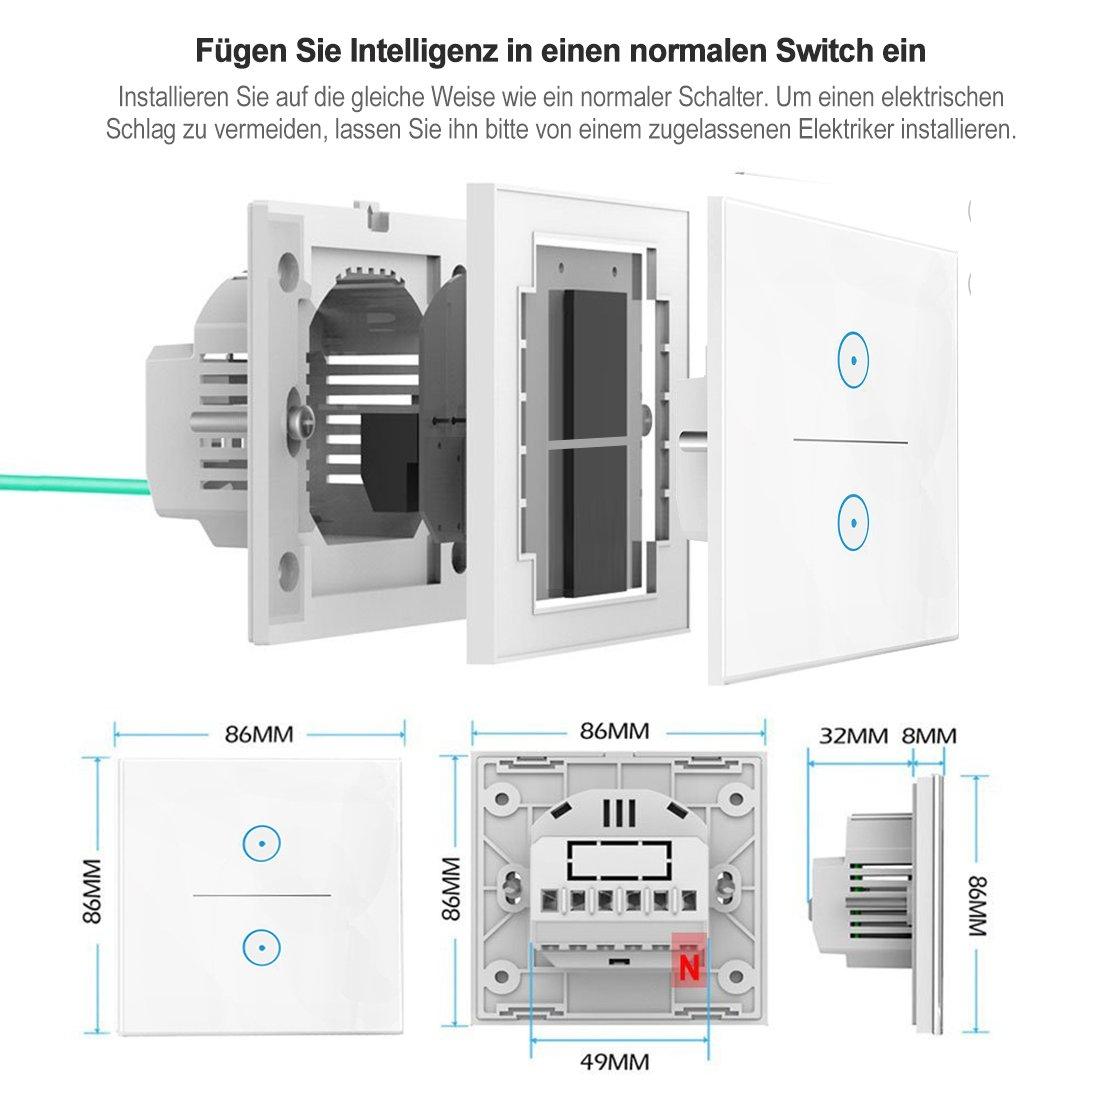 Fein Wie Installierst Du Einen 3 Wege Schalter Ideen - Elektrische ...